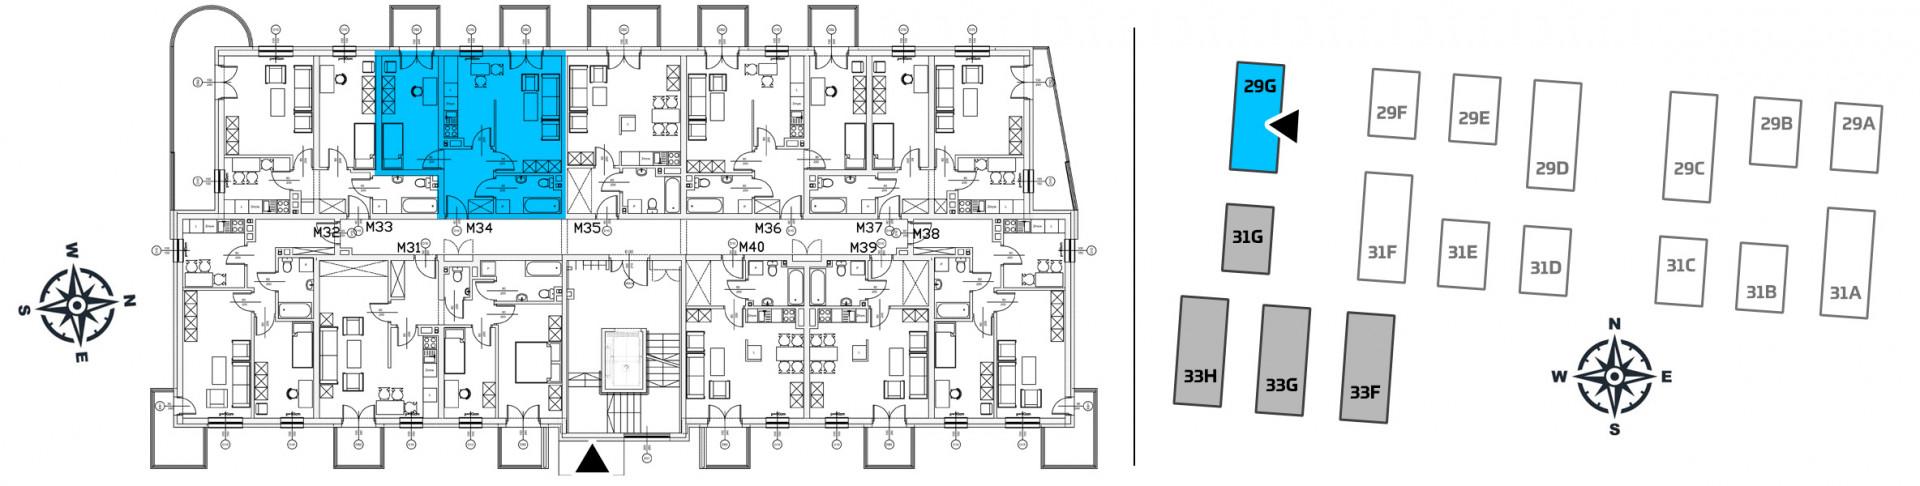 Mieszkanie dwupokojowe 29G/34 rzut 2